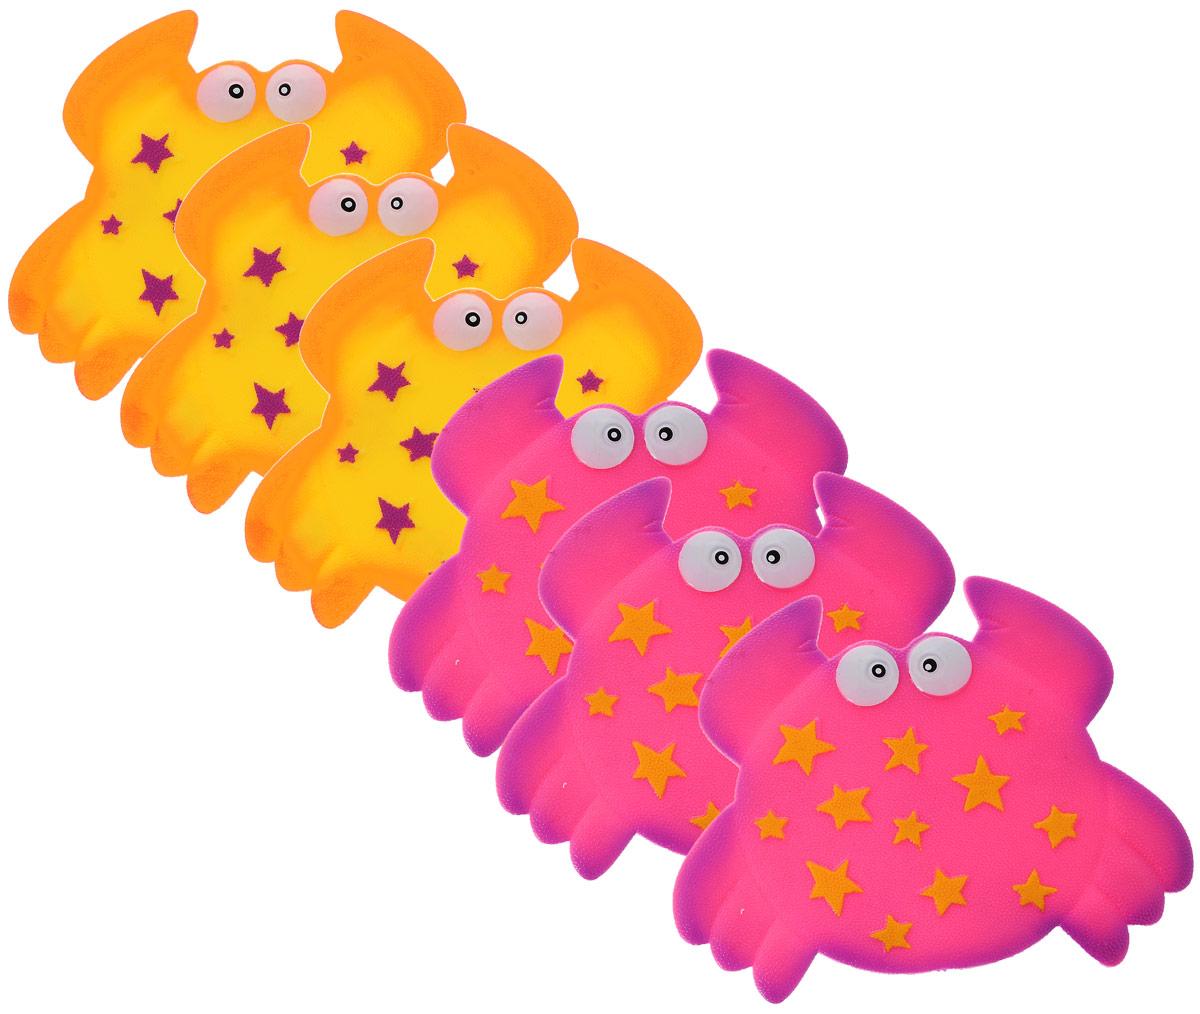 Valiant Мини-коврик для ванной комнаты Крабик на присосках цвет желтый розовый 6 шт искусственные растения valiant муляж лук с перцем в связке желтый 60см шт